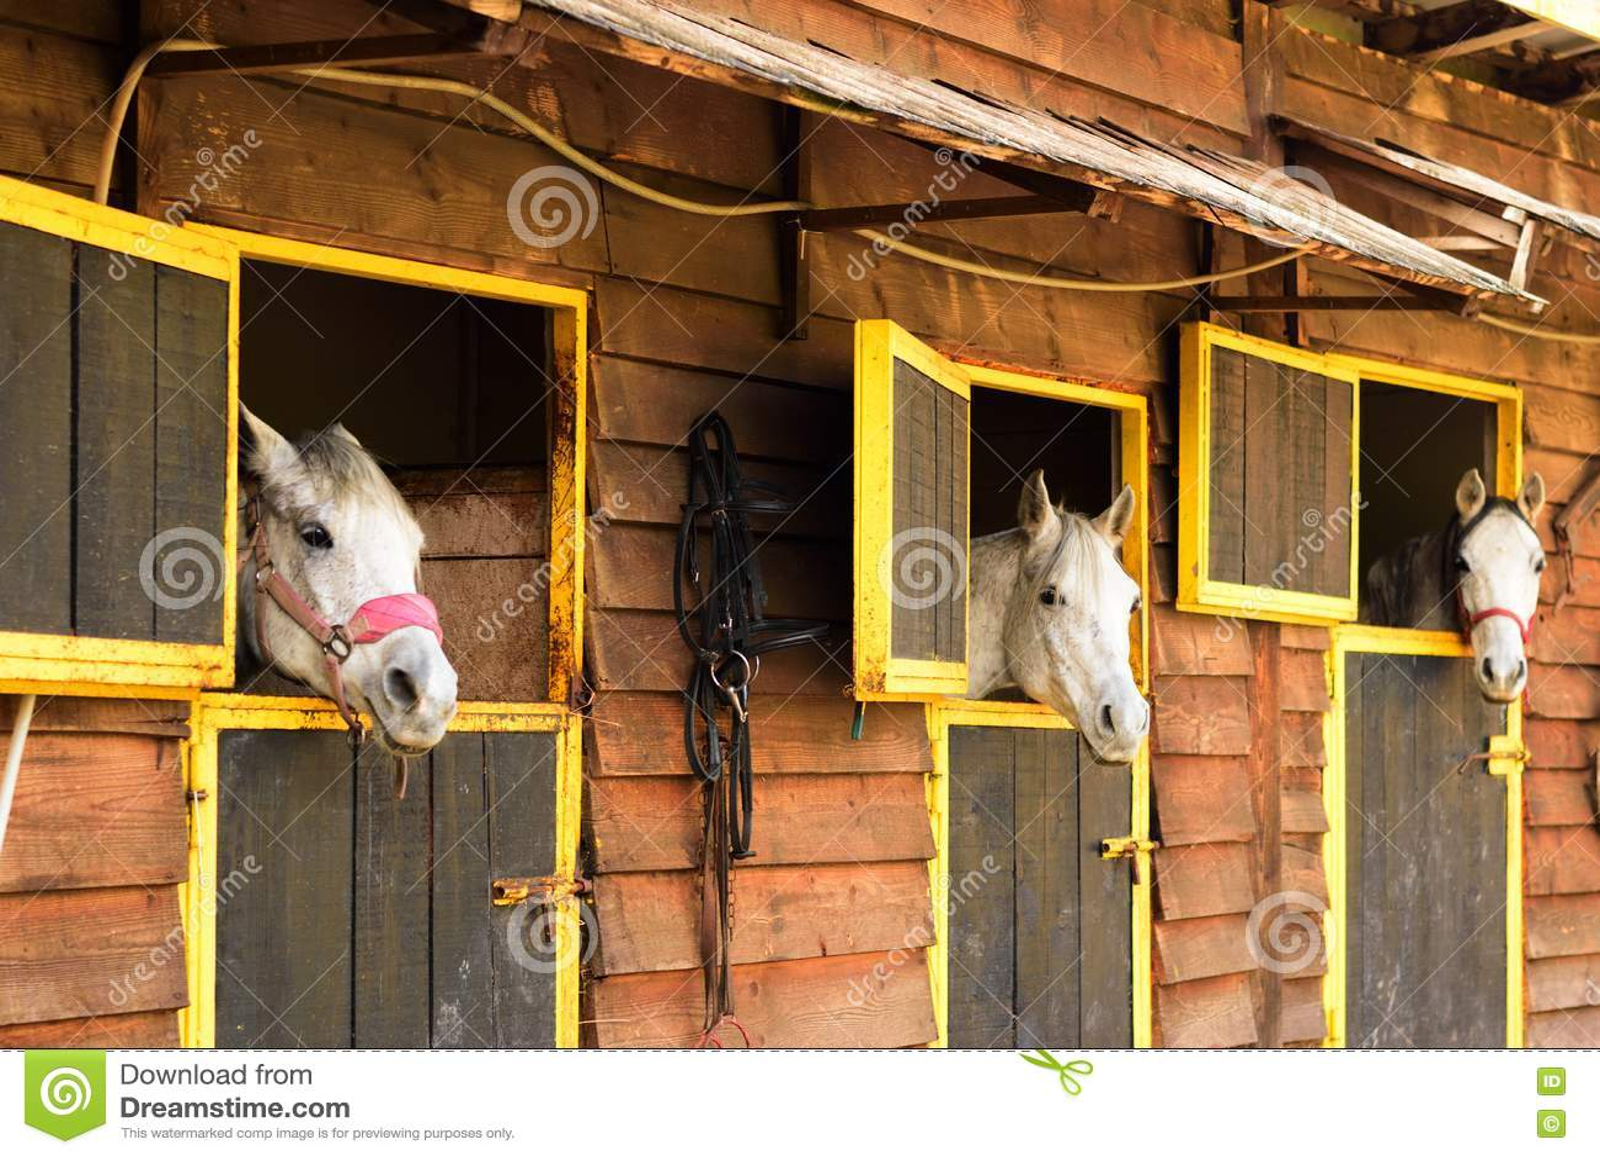 Τρία άσπρα αραβικά άλογα που κοιτάζουν έξω από τα κιβώτιά τους